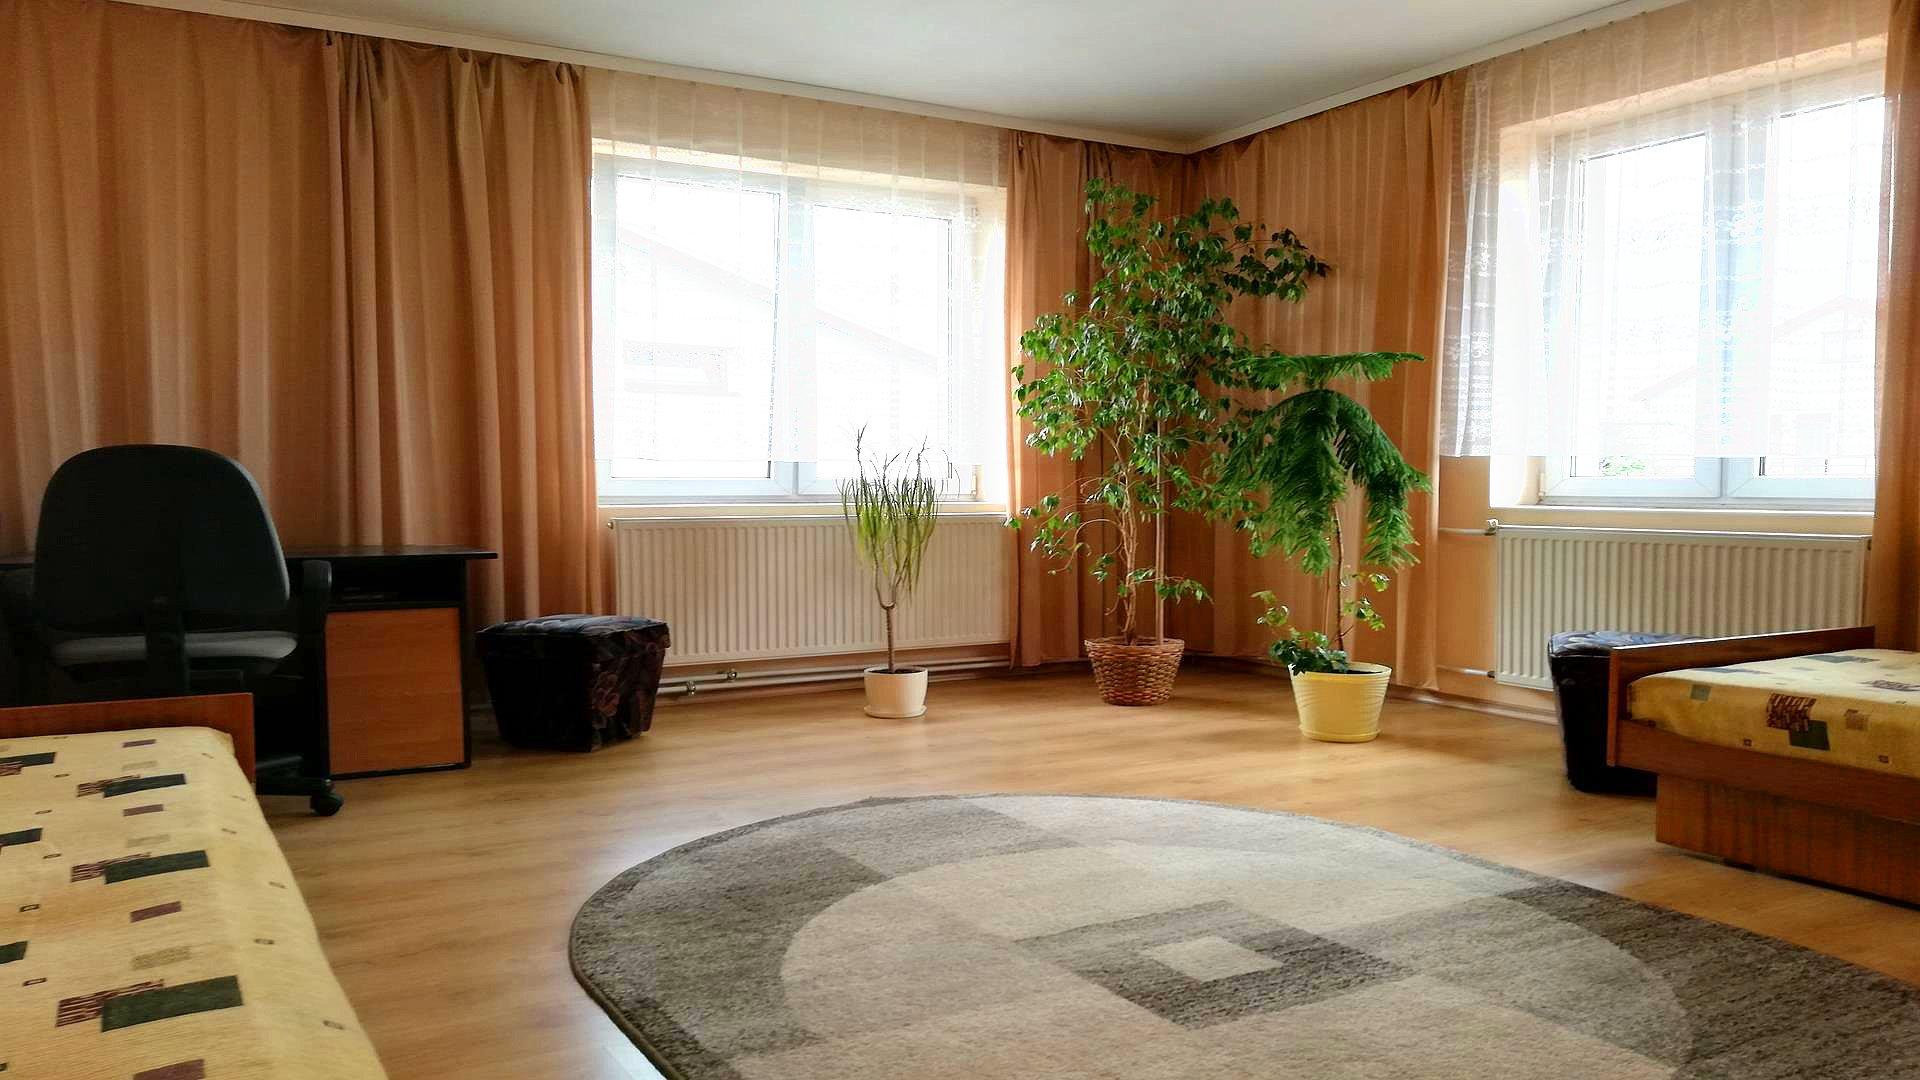 dom zamosc botaniczna - dom na sprzedaż - Krzysztof Górski Nieruchomości Zamość